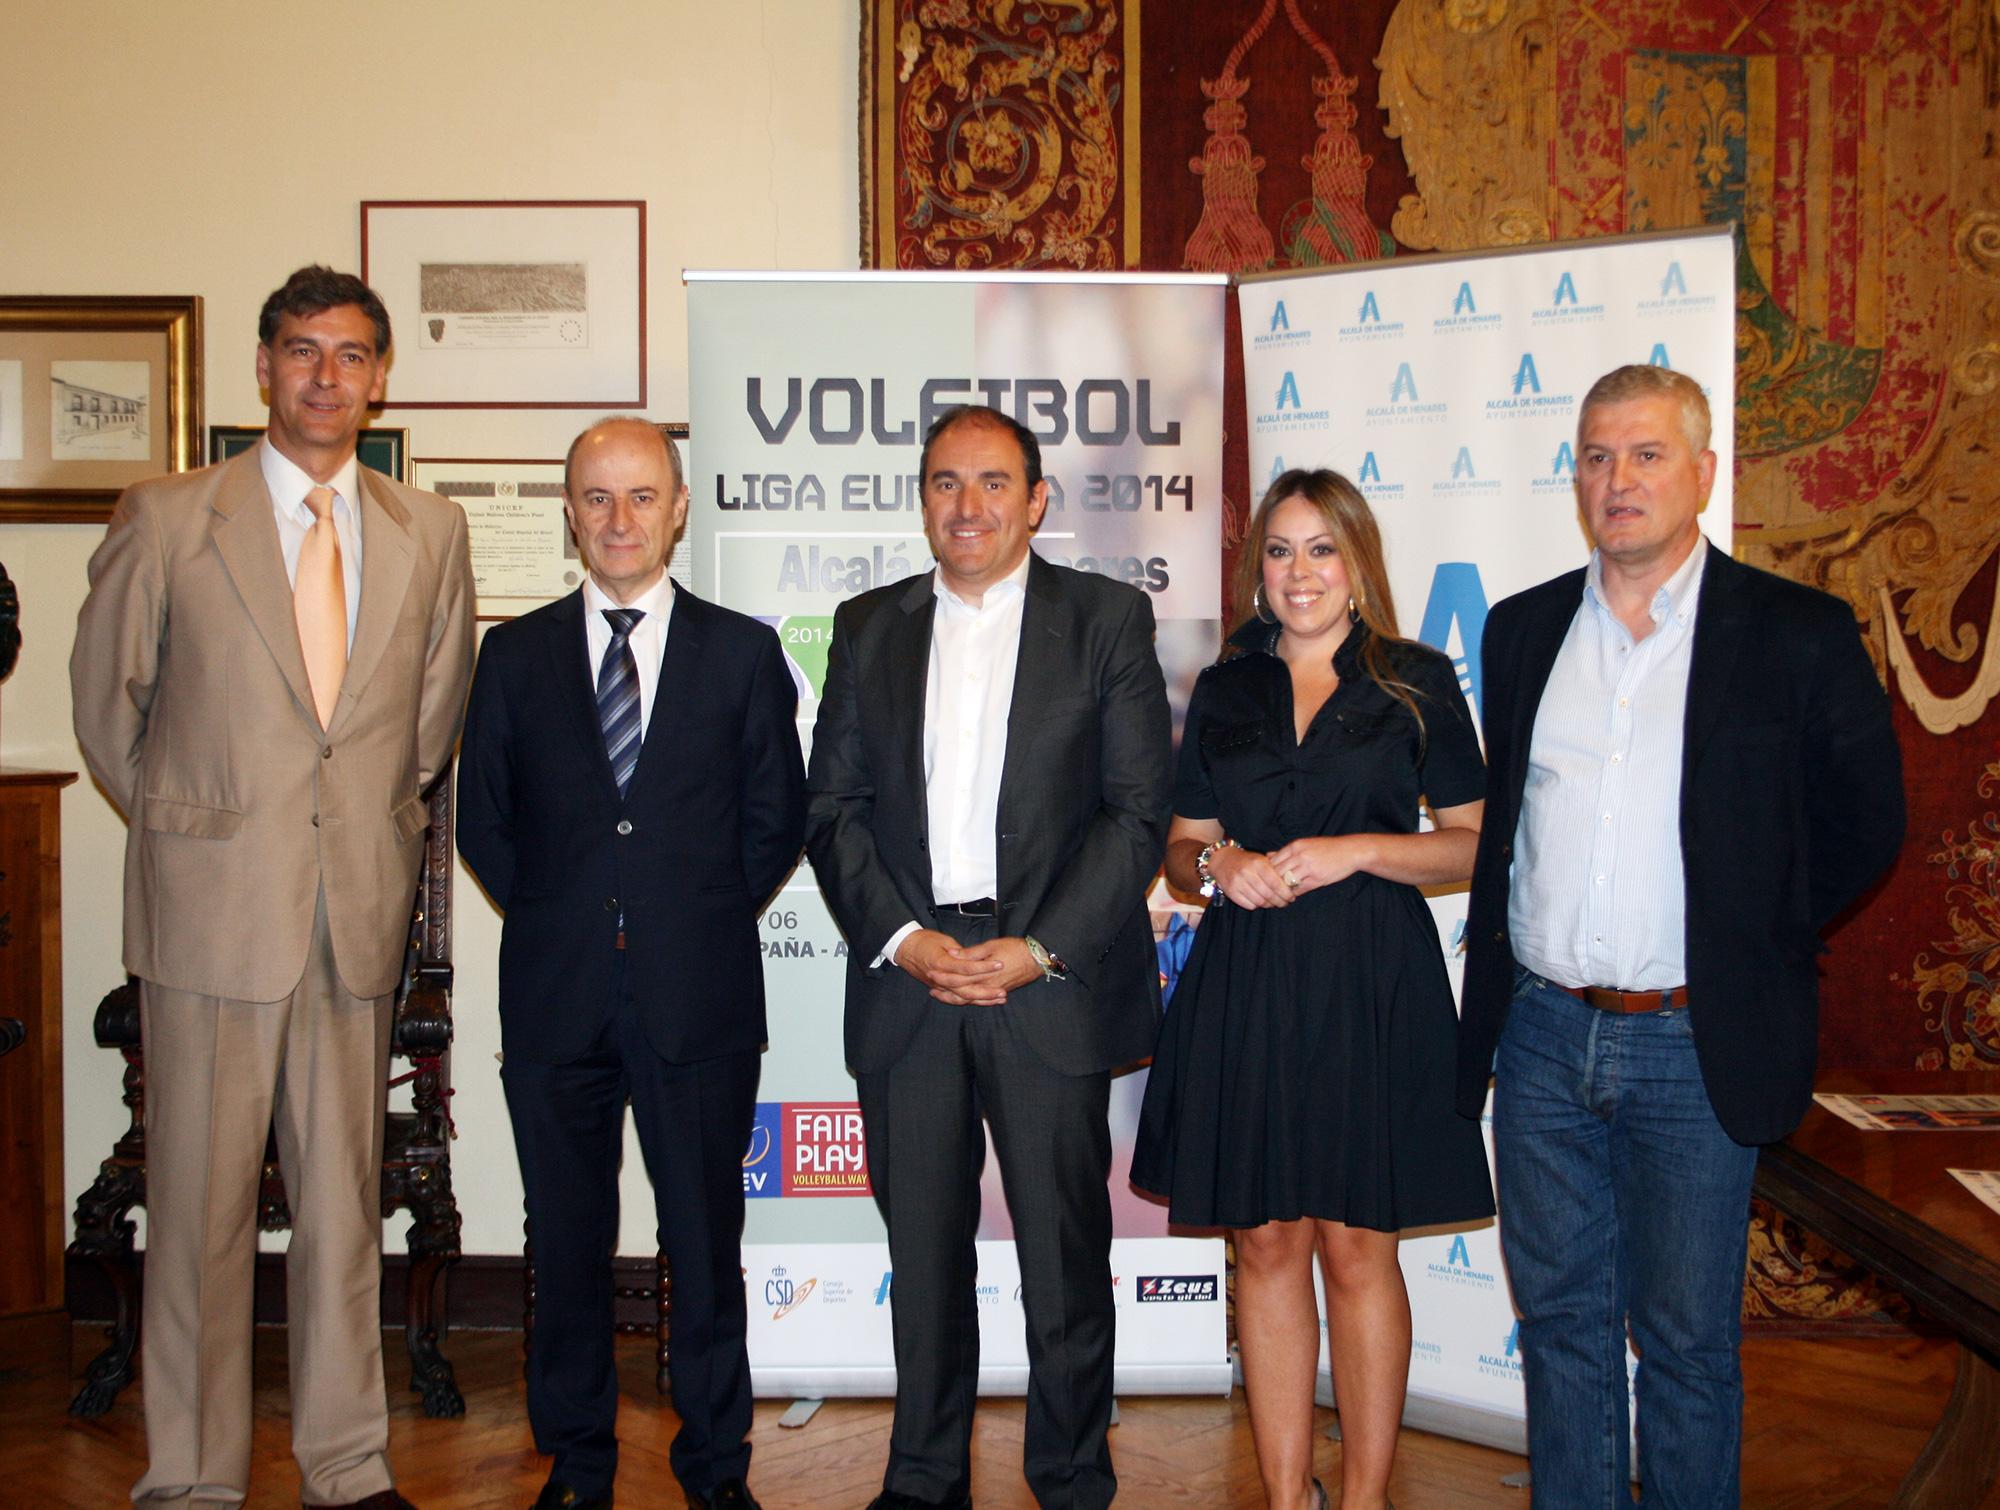 Presentación en Alcalá de Henares de la Liga Europea femenina. Fuente: AD